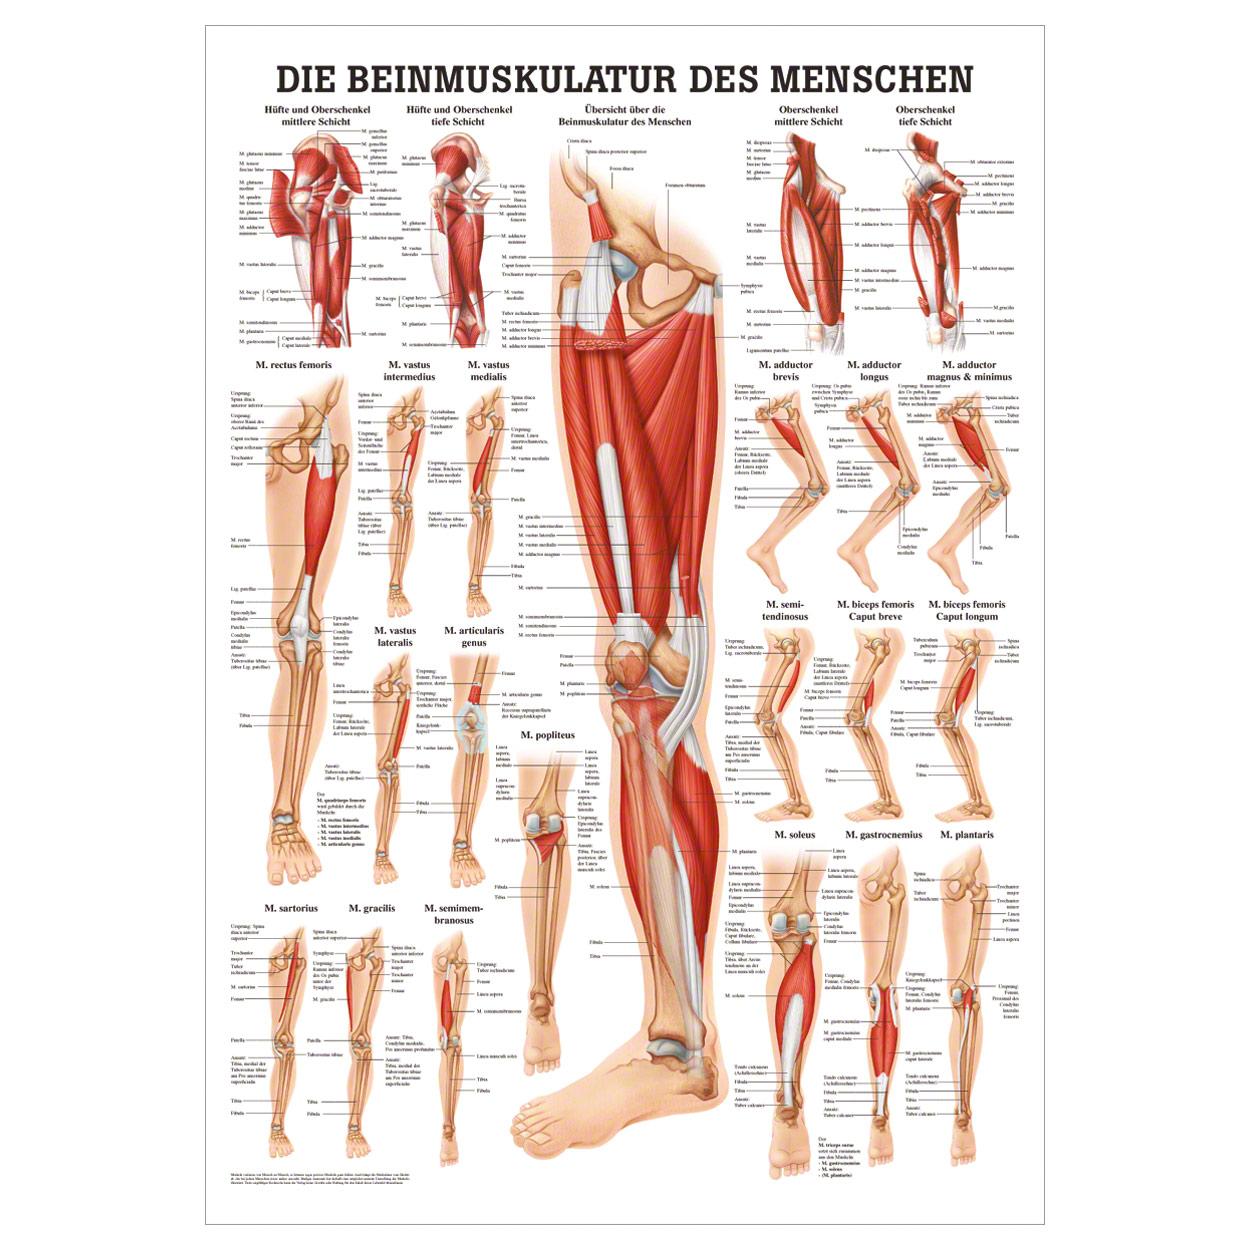 Beste Muskeln Hüfte Zeitgenössisch - Menschliche Anatomie Bilder ...